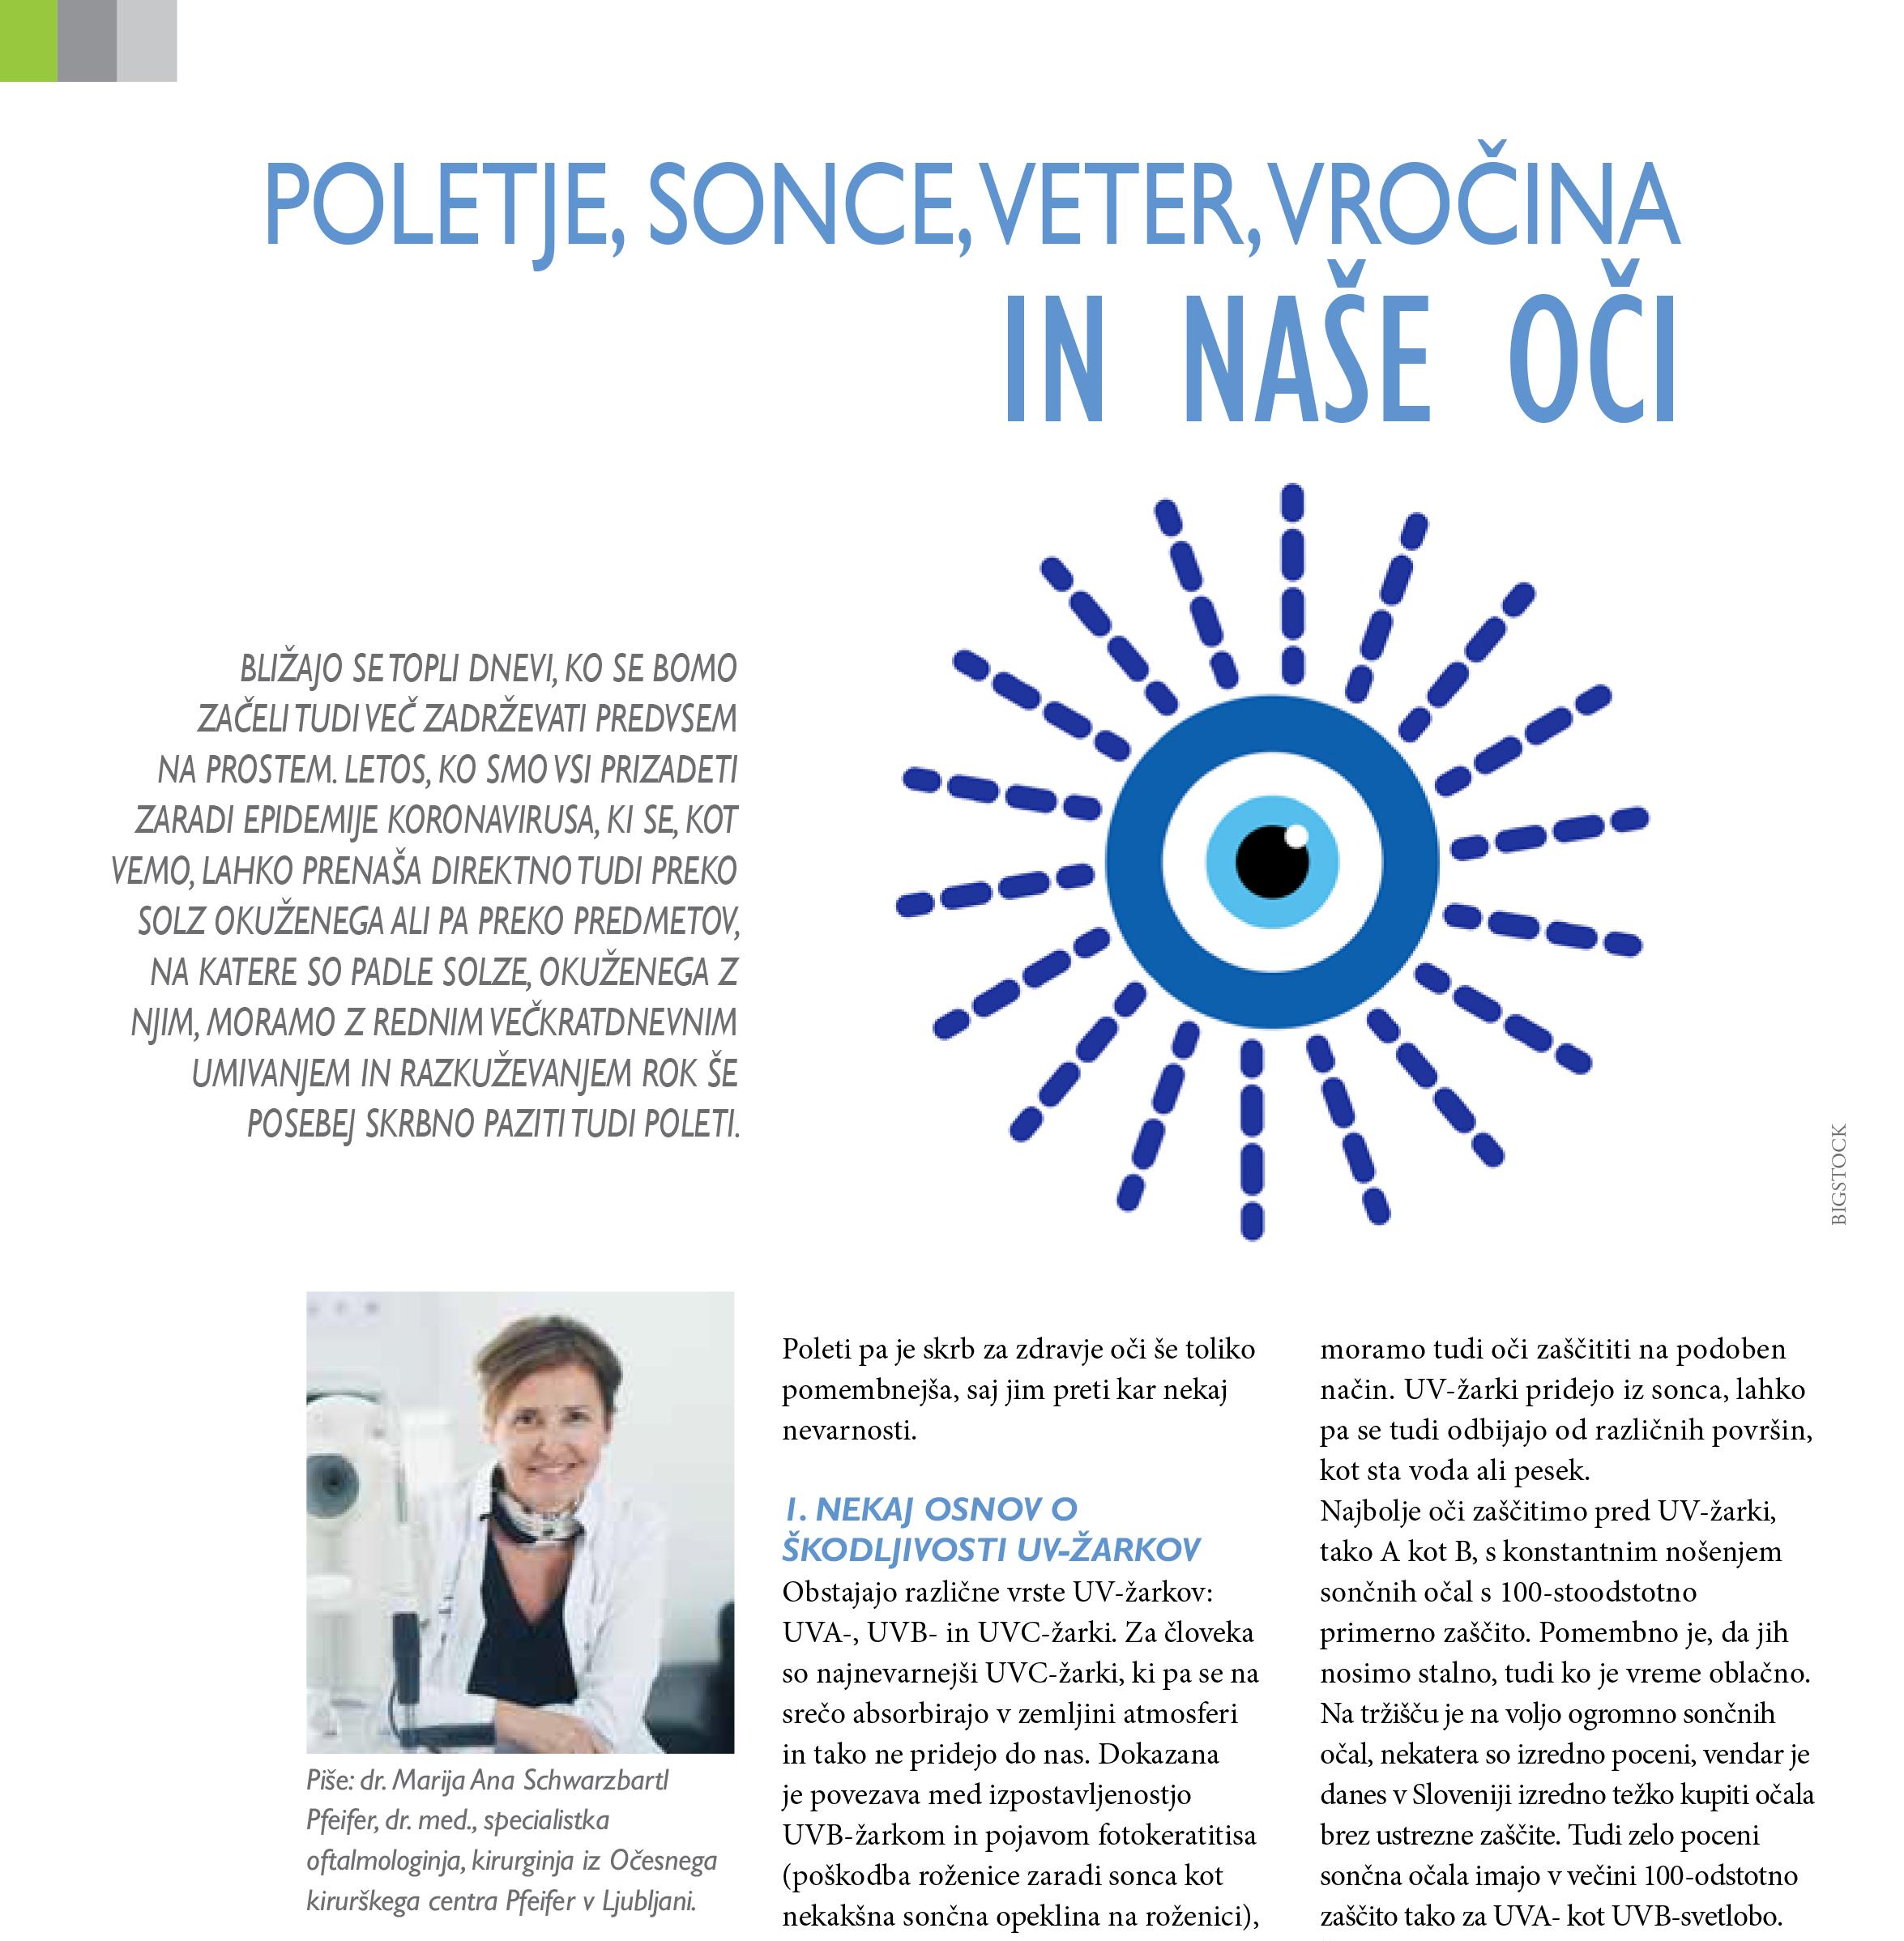 Revija Nova Medicina - Poletje,sonce in naše oči - junij 2021